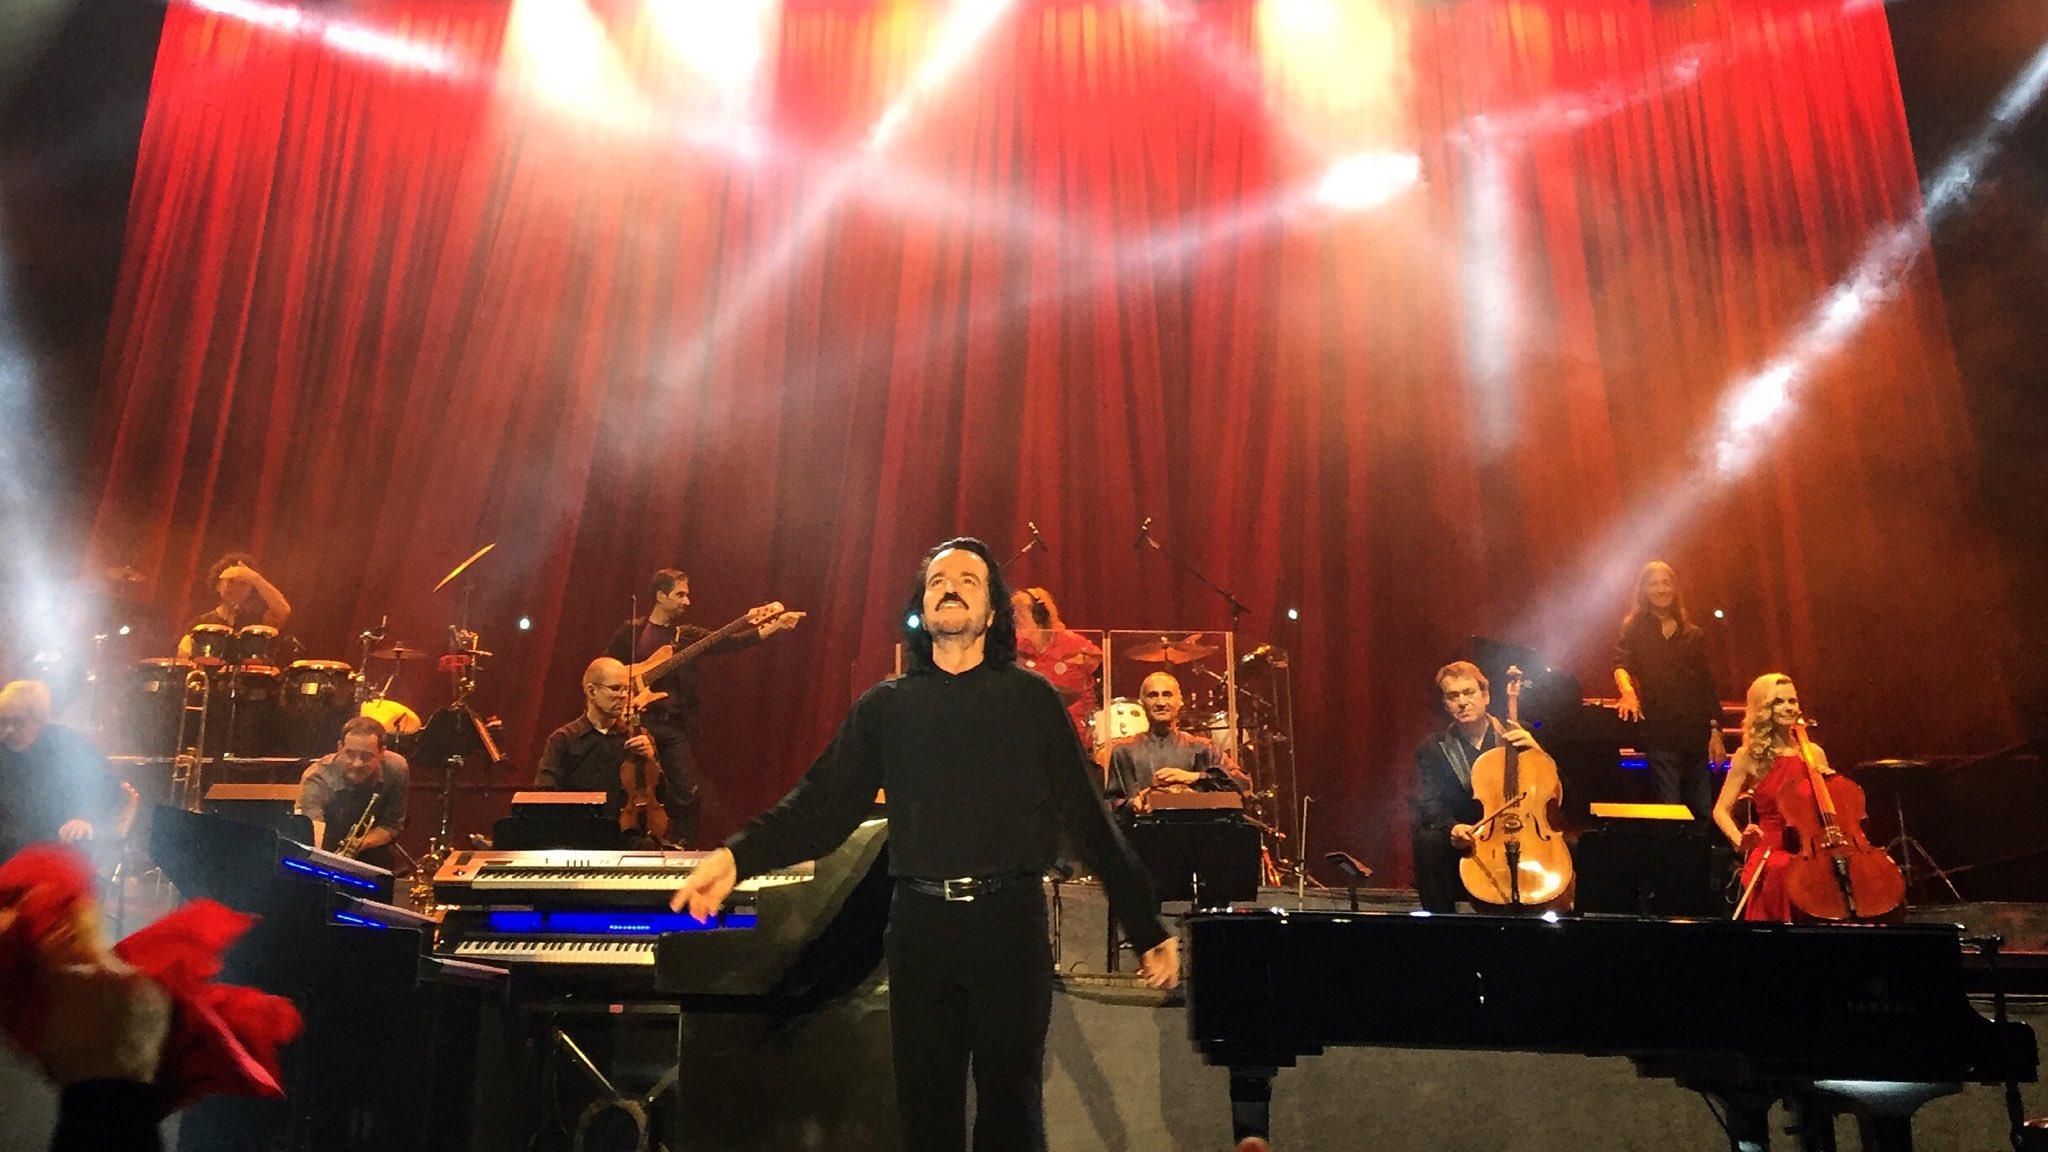 Estuve a 2m de @Yanni. ¡La mejor banda que he escuchado en vivo! #Yanni #YanniCR https://t.co/JQ134w0iwR